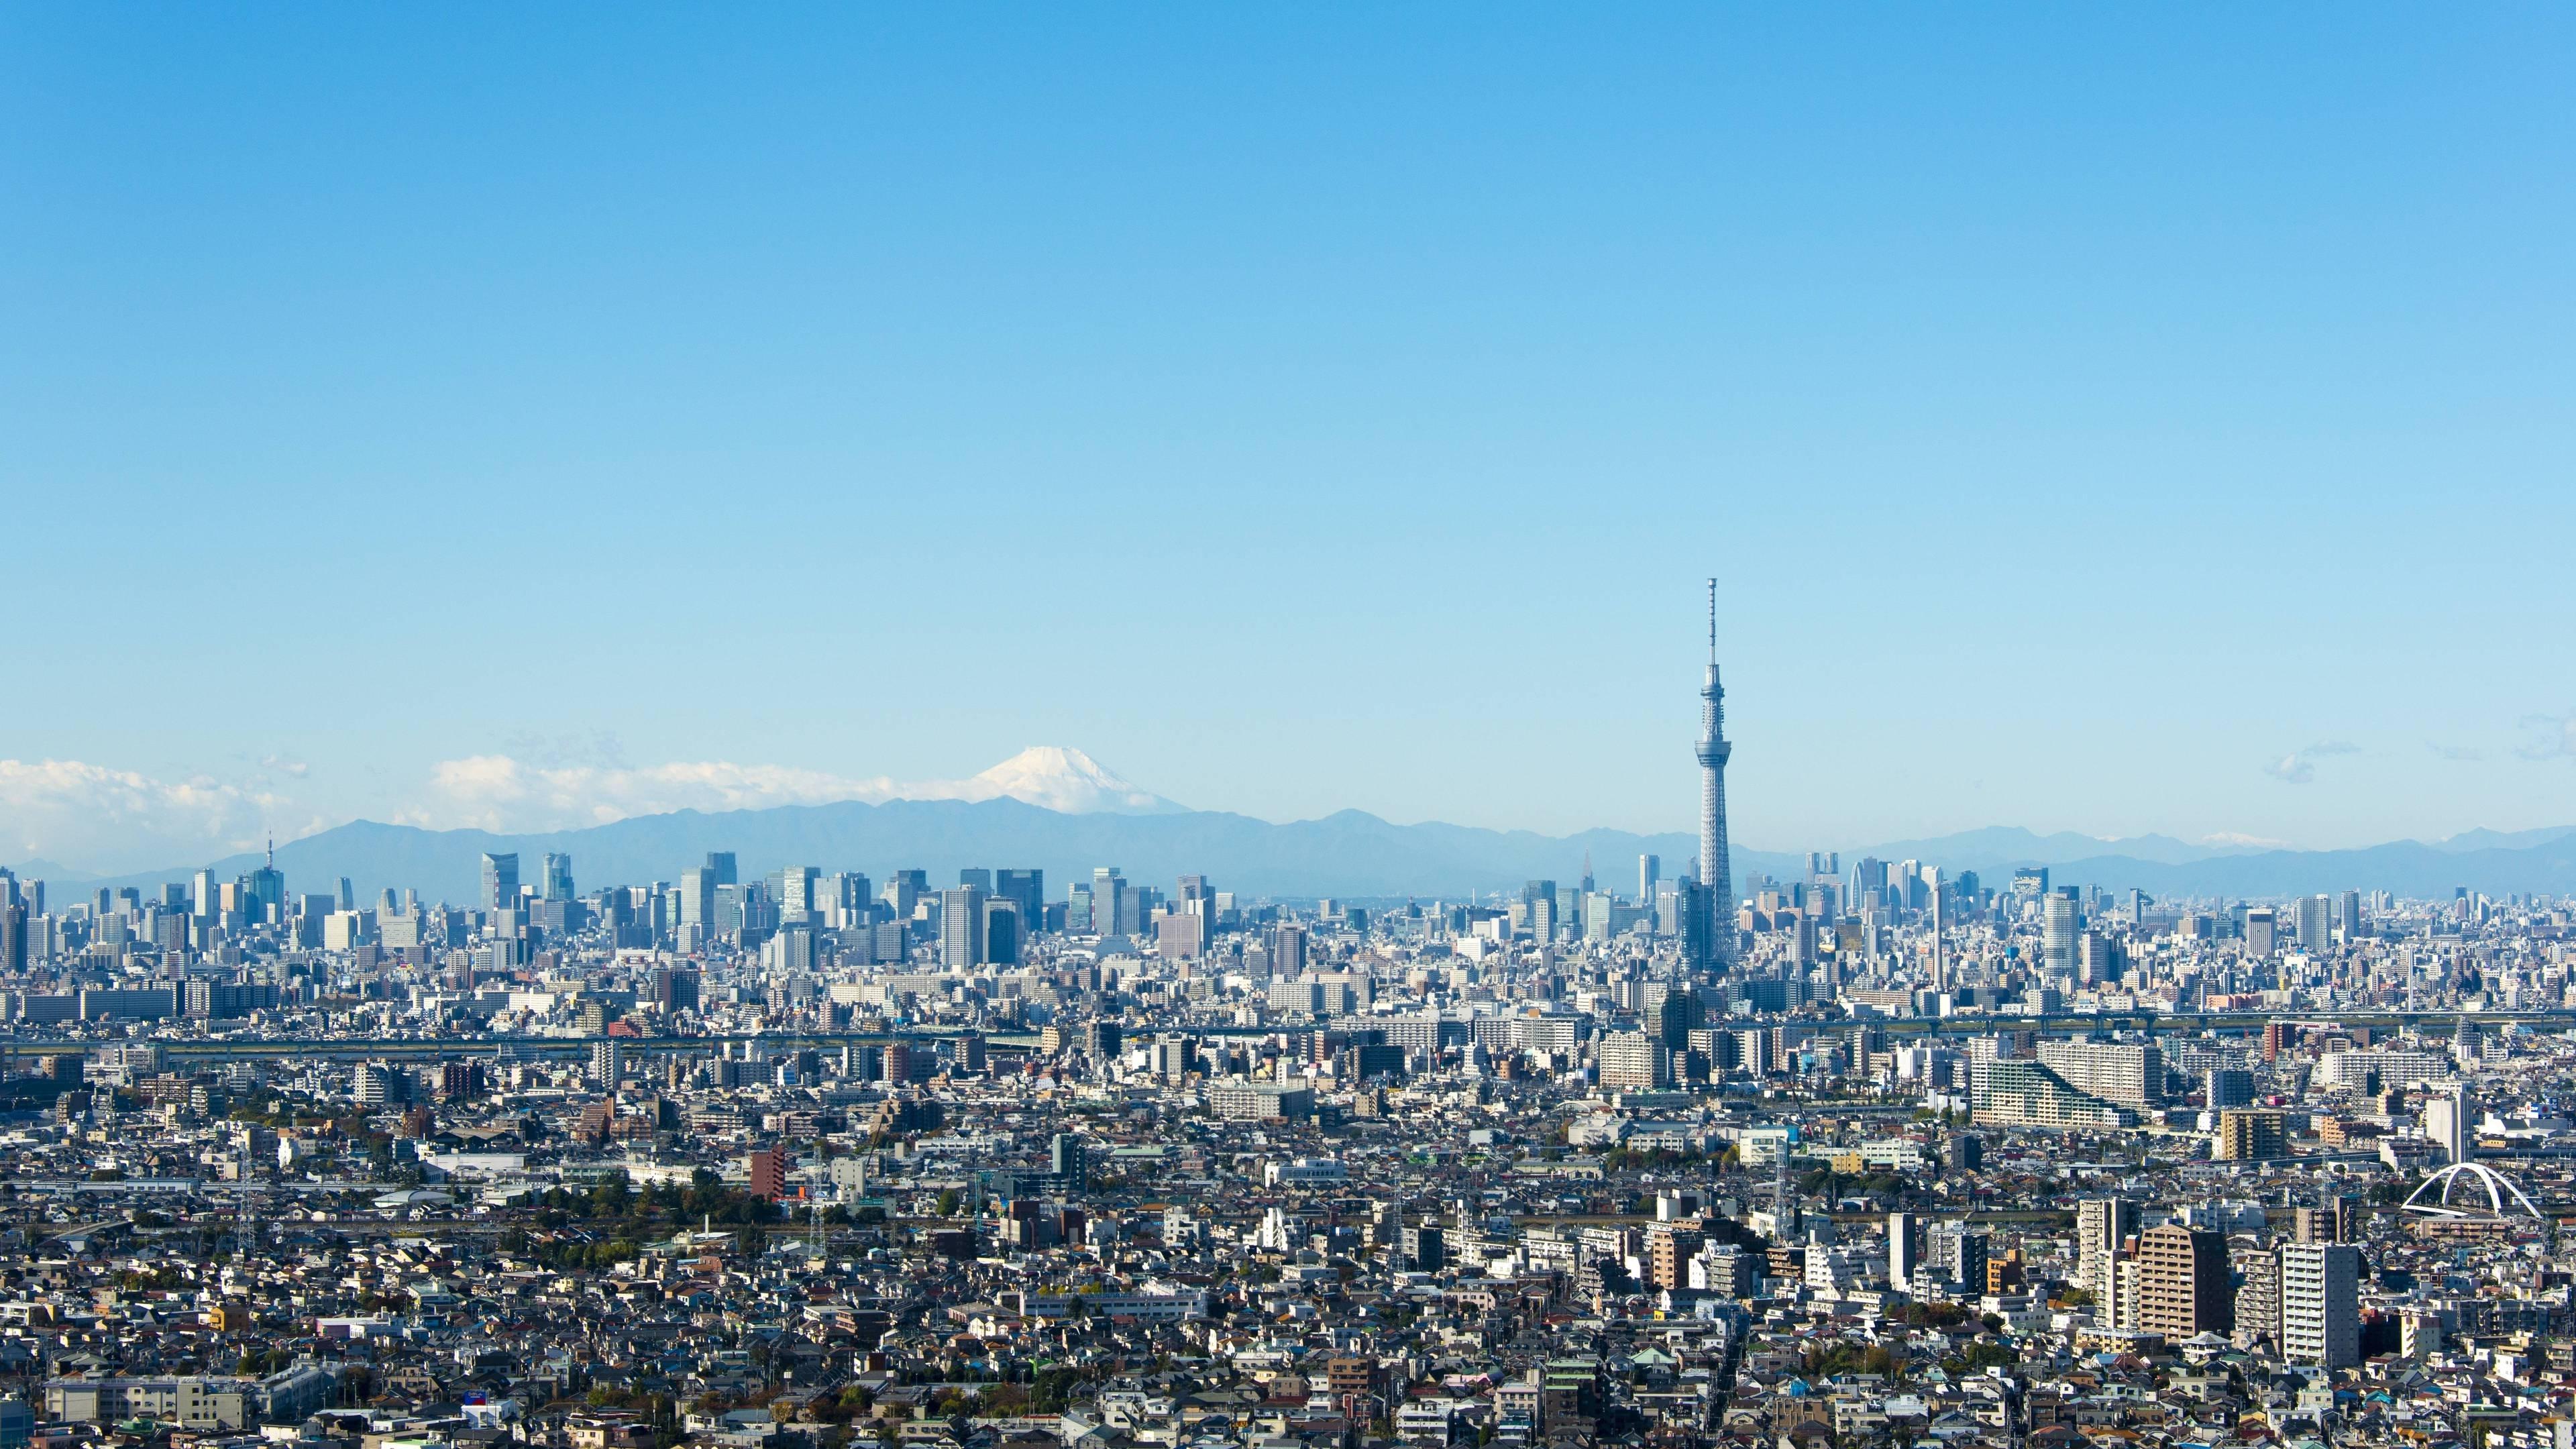 Tokyo Skytree And Mt Fuji 4K Wallpaper